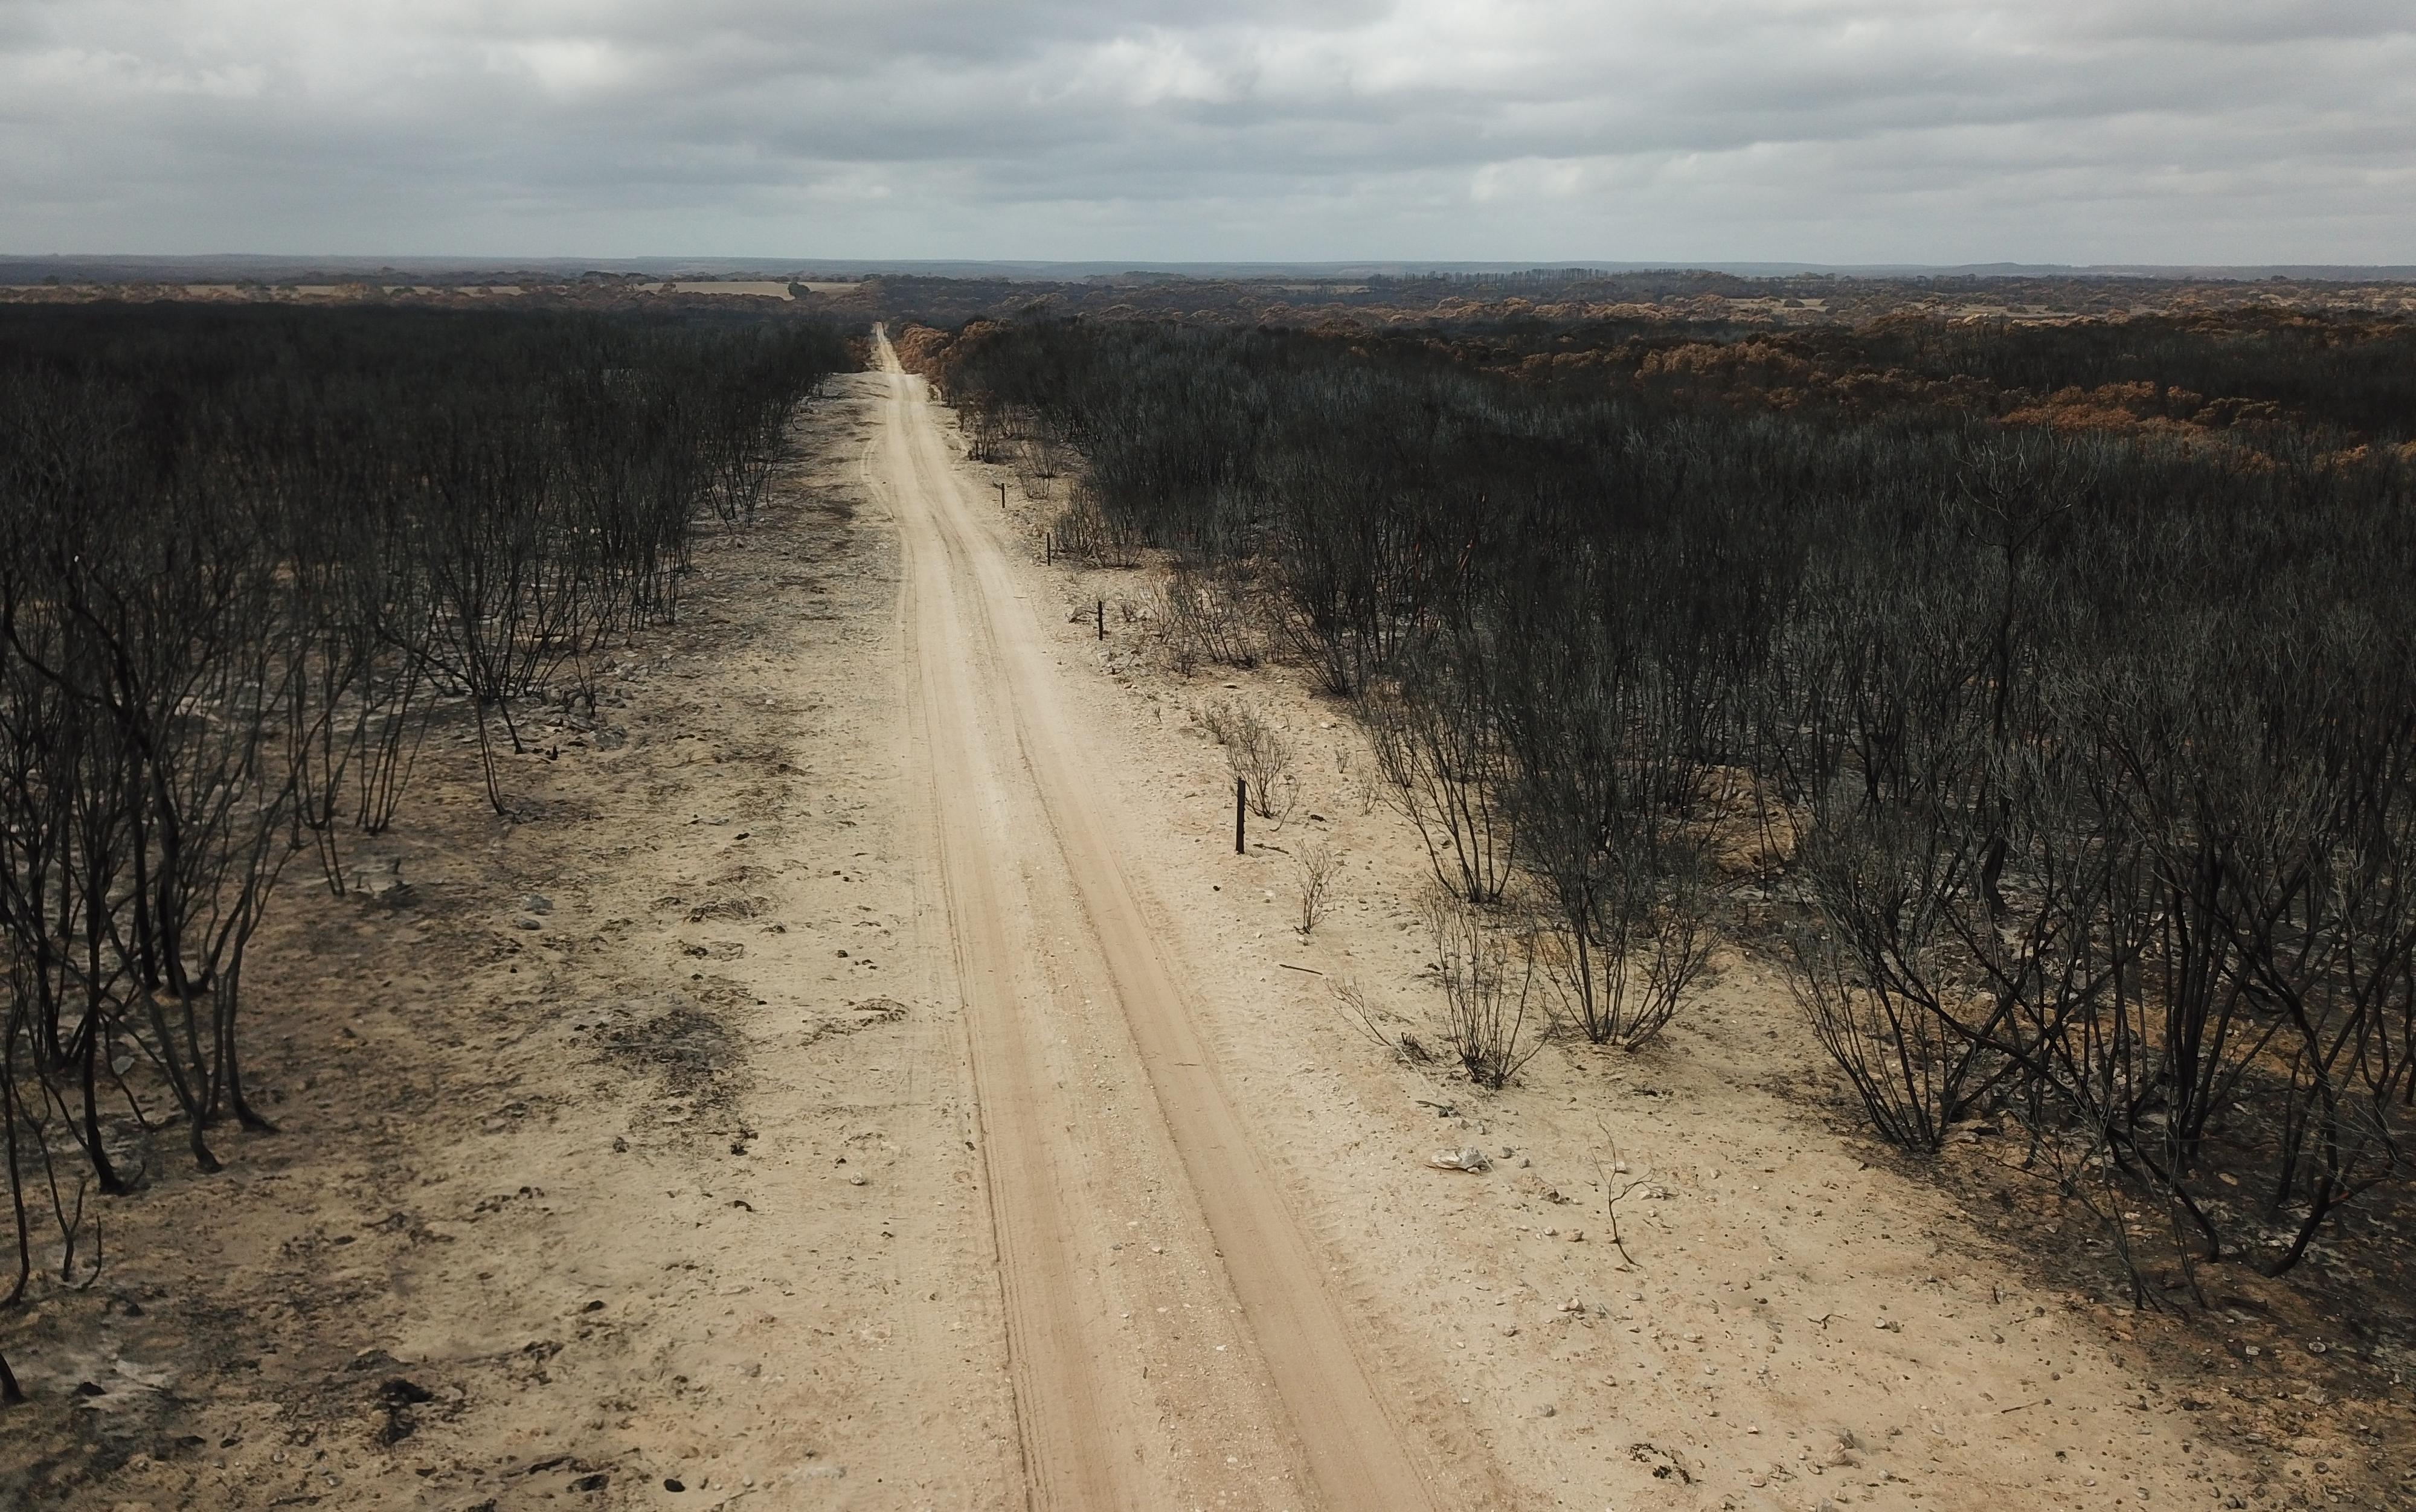 Sécheresse en Australie : chute historique de la production agricole